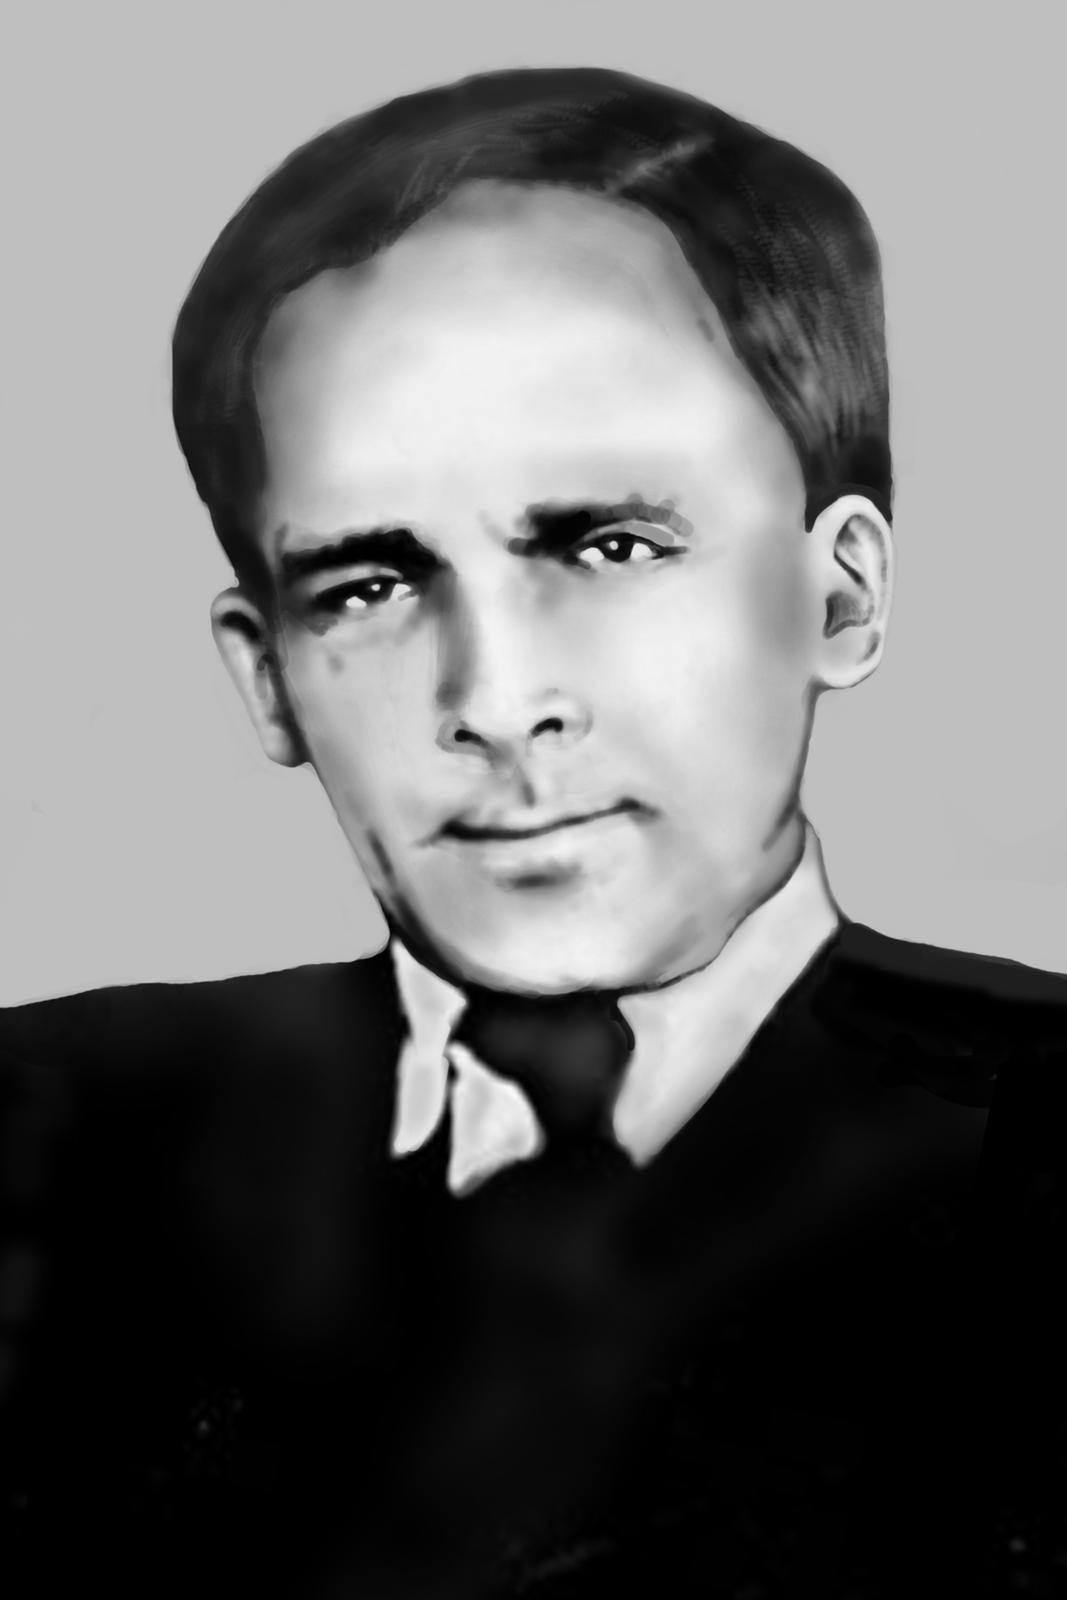 Ilustracja przedstawia Fritza Strassmanna. Mężczyzna wwieku ok. 45 lat. Czoło wysokie, uszy małe, usta wąskie. Oczy ciemne, kąciki oczu opadające. Brwi ciemne, średniej szerokości. Włosy ciemne, starannie uczesane. Przedziałek po prawej (jego lewej) stronie. Mężczyzna ubrany wczarny garnitur, białą koszulę iczarny krawat.